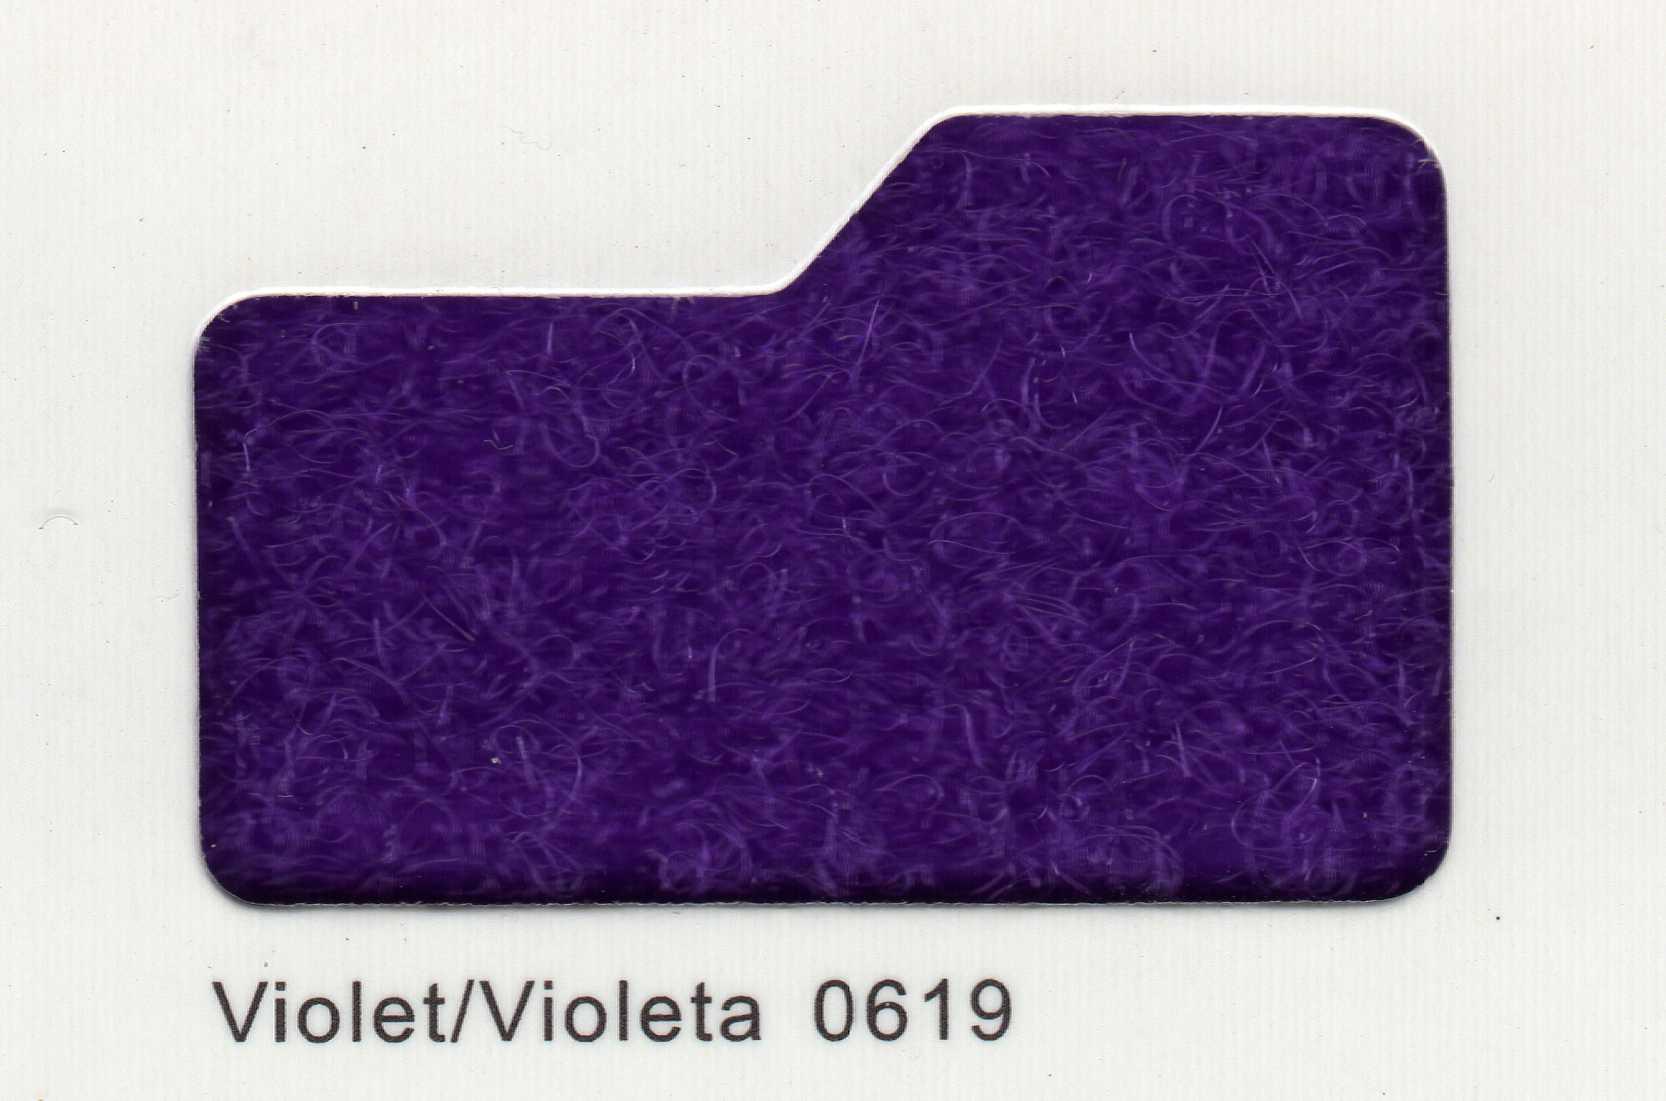 Cinta de cierre Velcro-Veraco 30mm Violeta 0619 (Rizo).